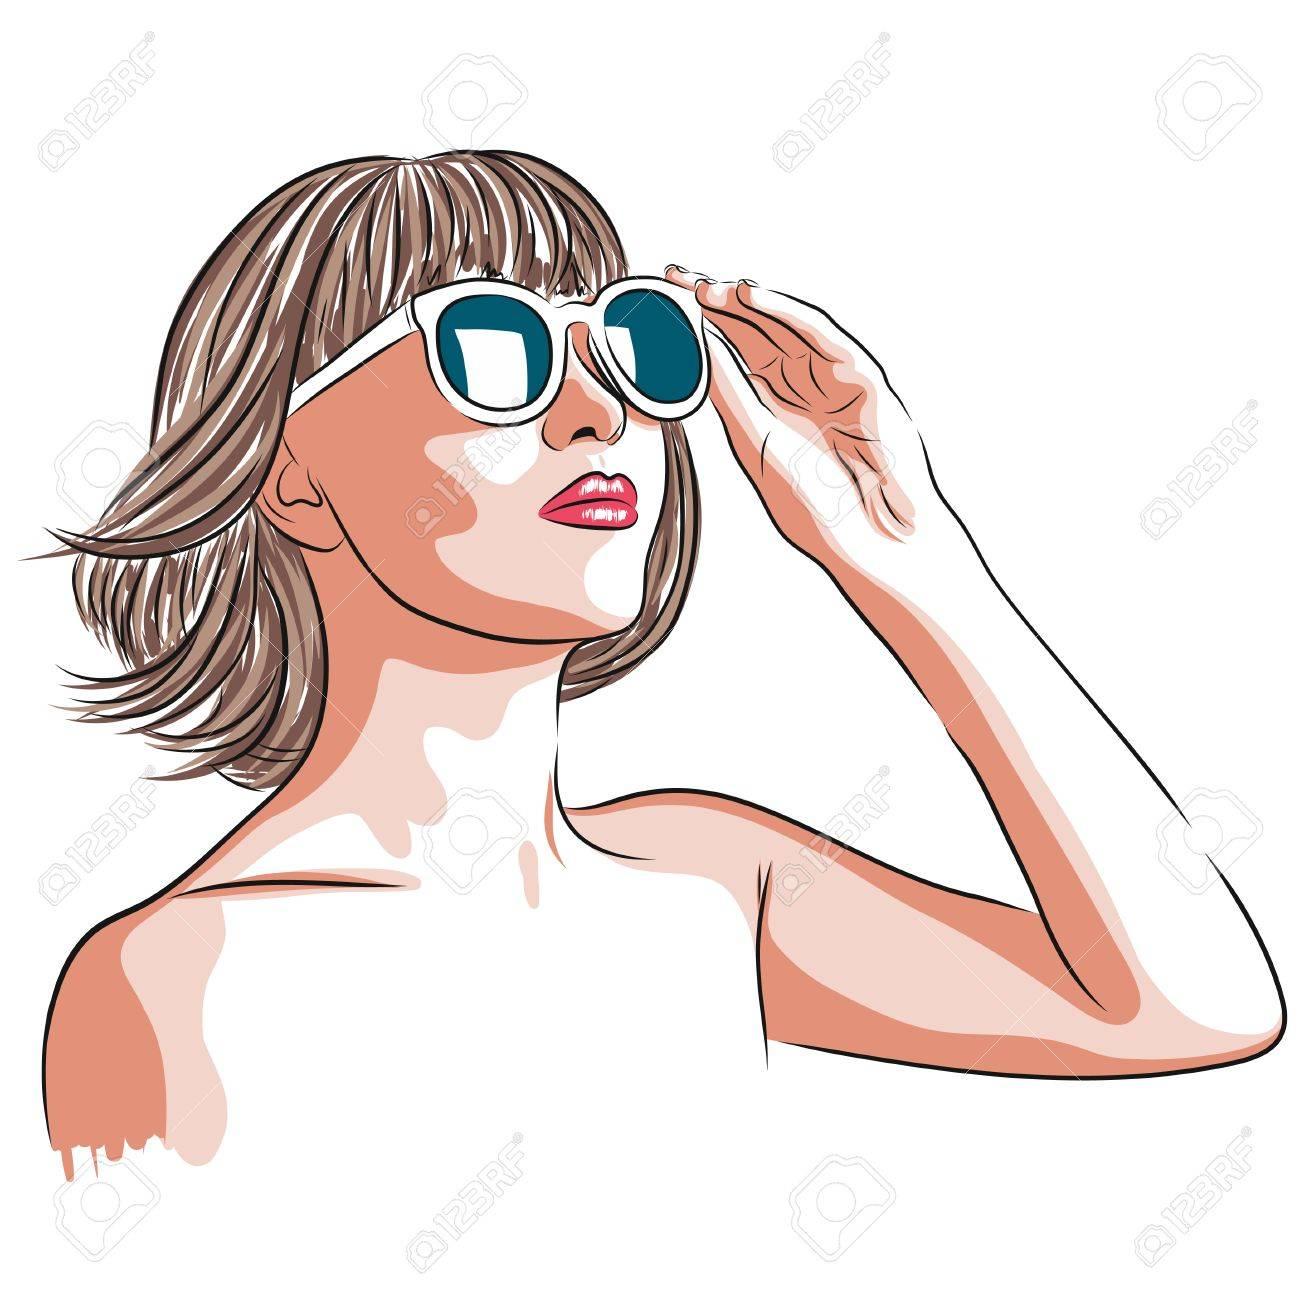 100% de garantía de satisfacción el precio más baratas original de costura caliente Ilustración vectorial de la hermosa mujer que llevaba gafas de sol blancas